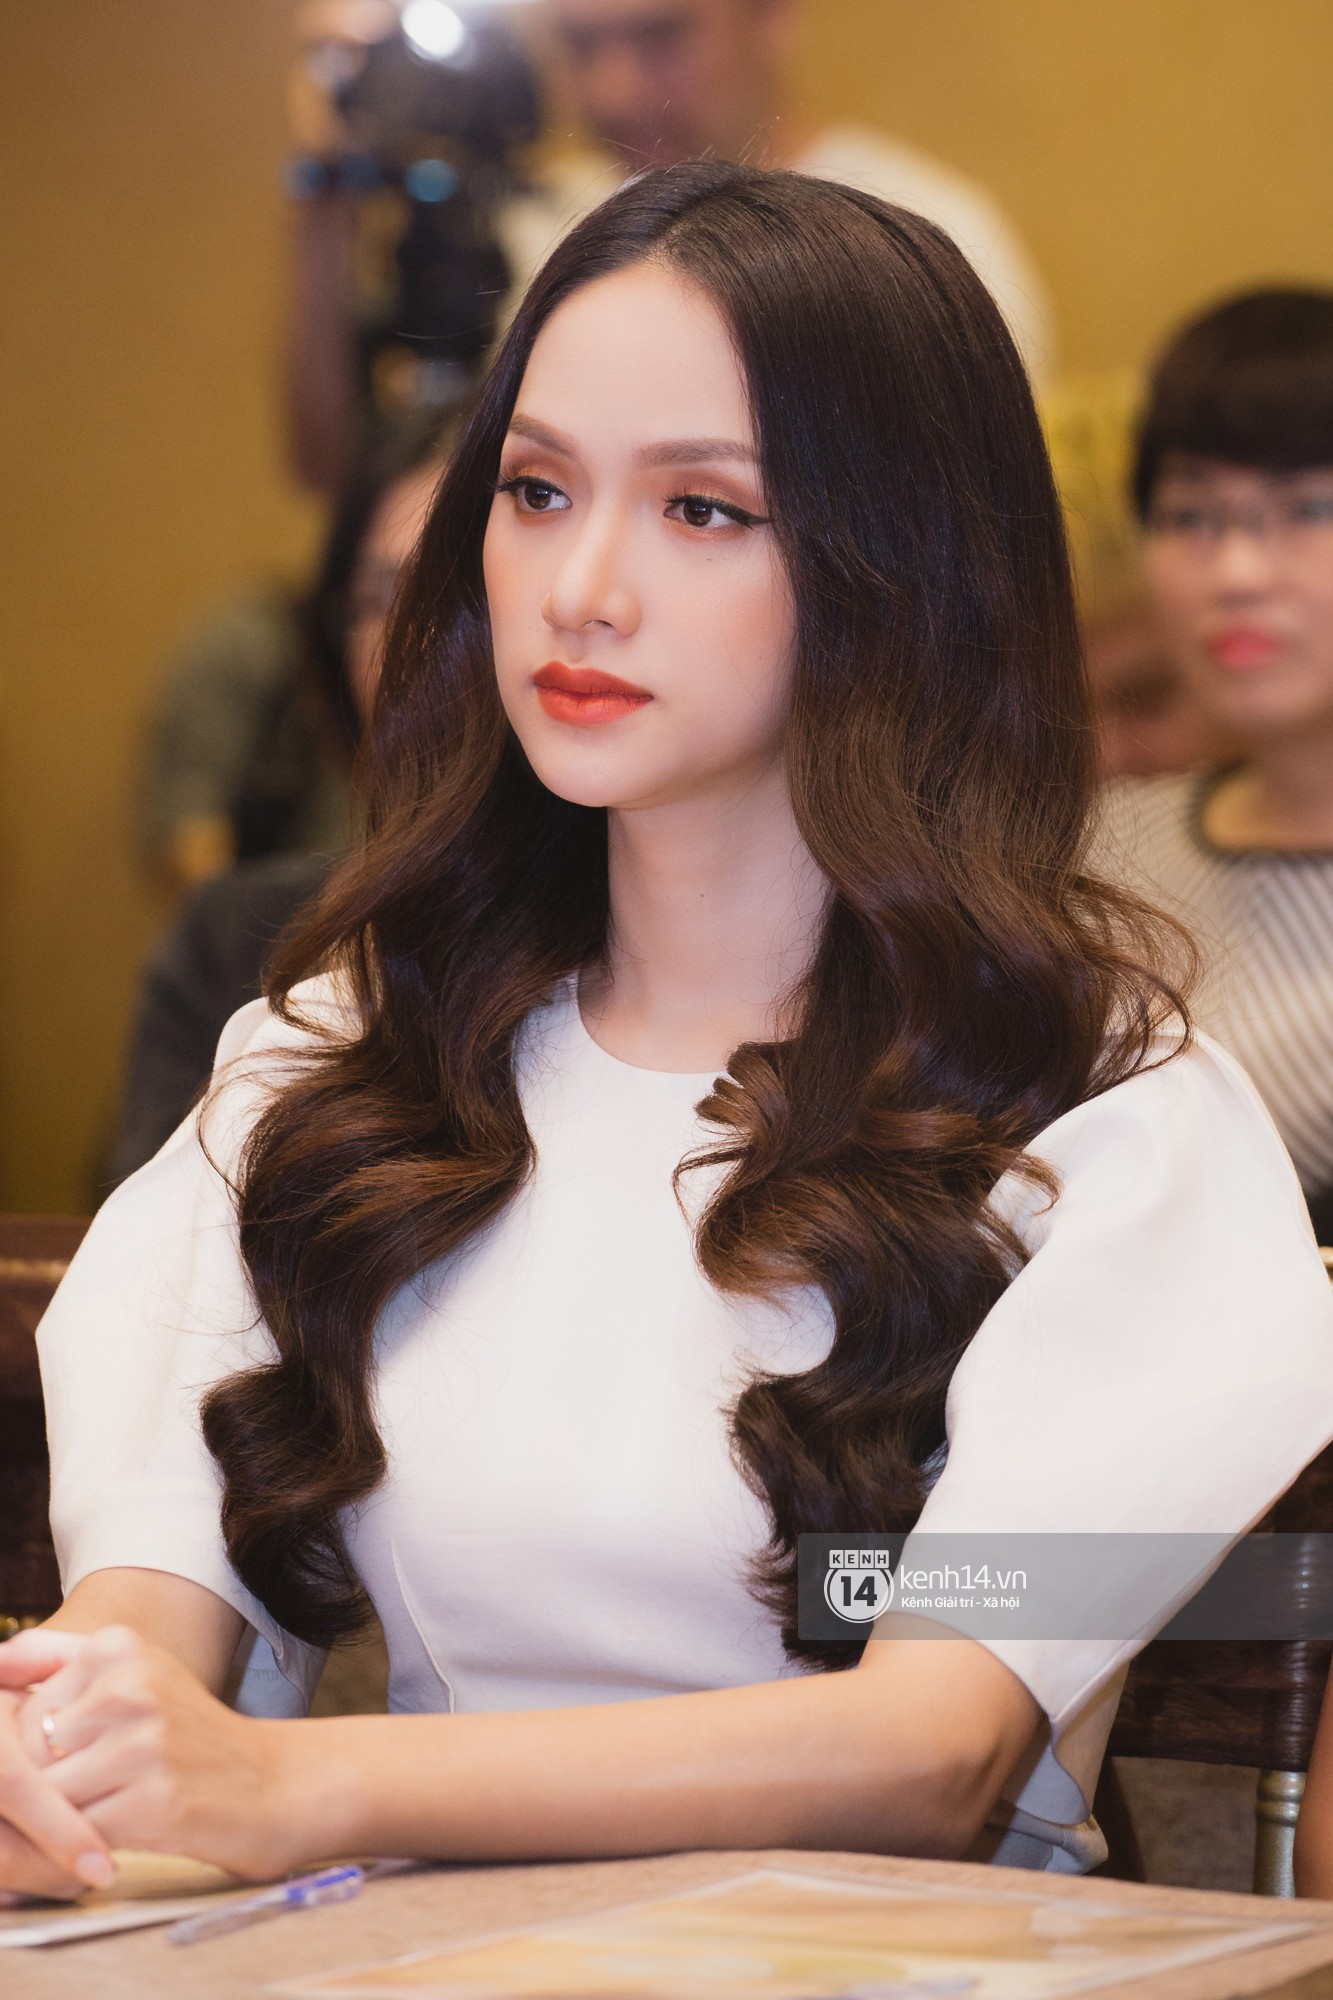 Chị Đại của Next Top châu Á - Cindy Bishop ghi hình show thực tế cùng Hồ Ngọc Hà, Hương Giang - Ảnh 7.